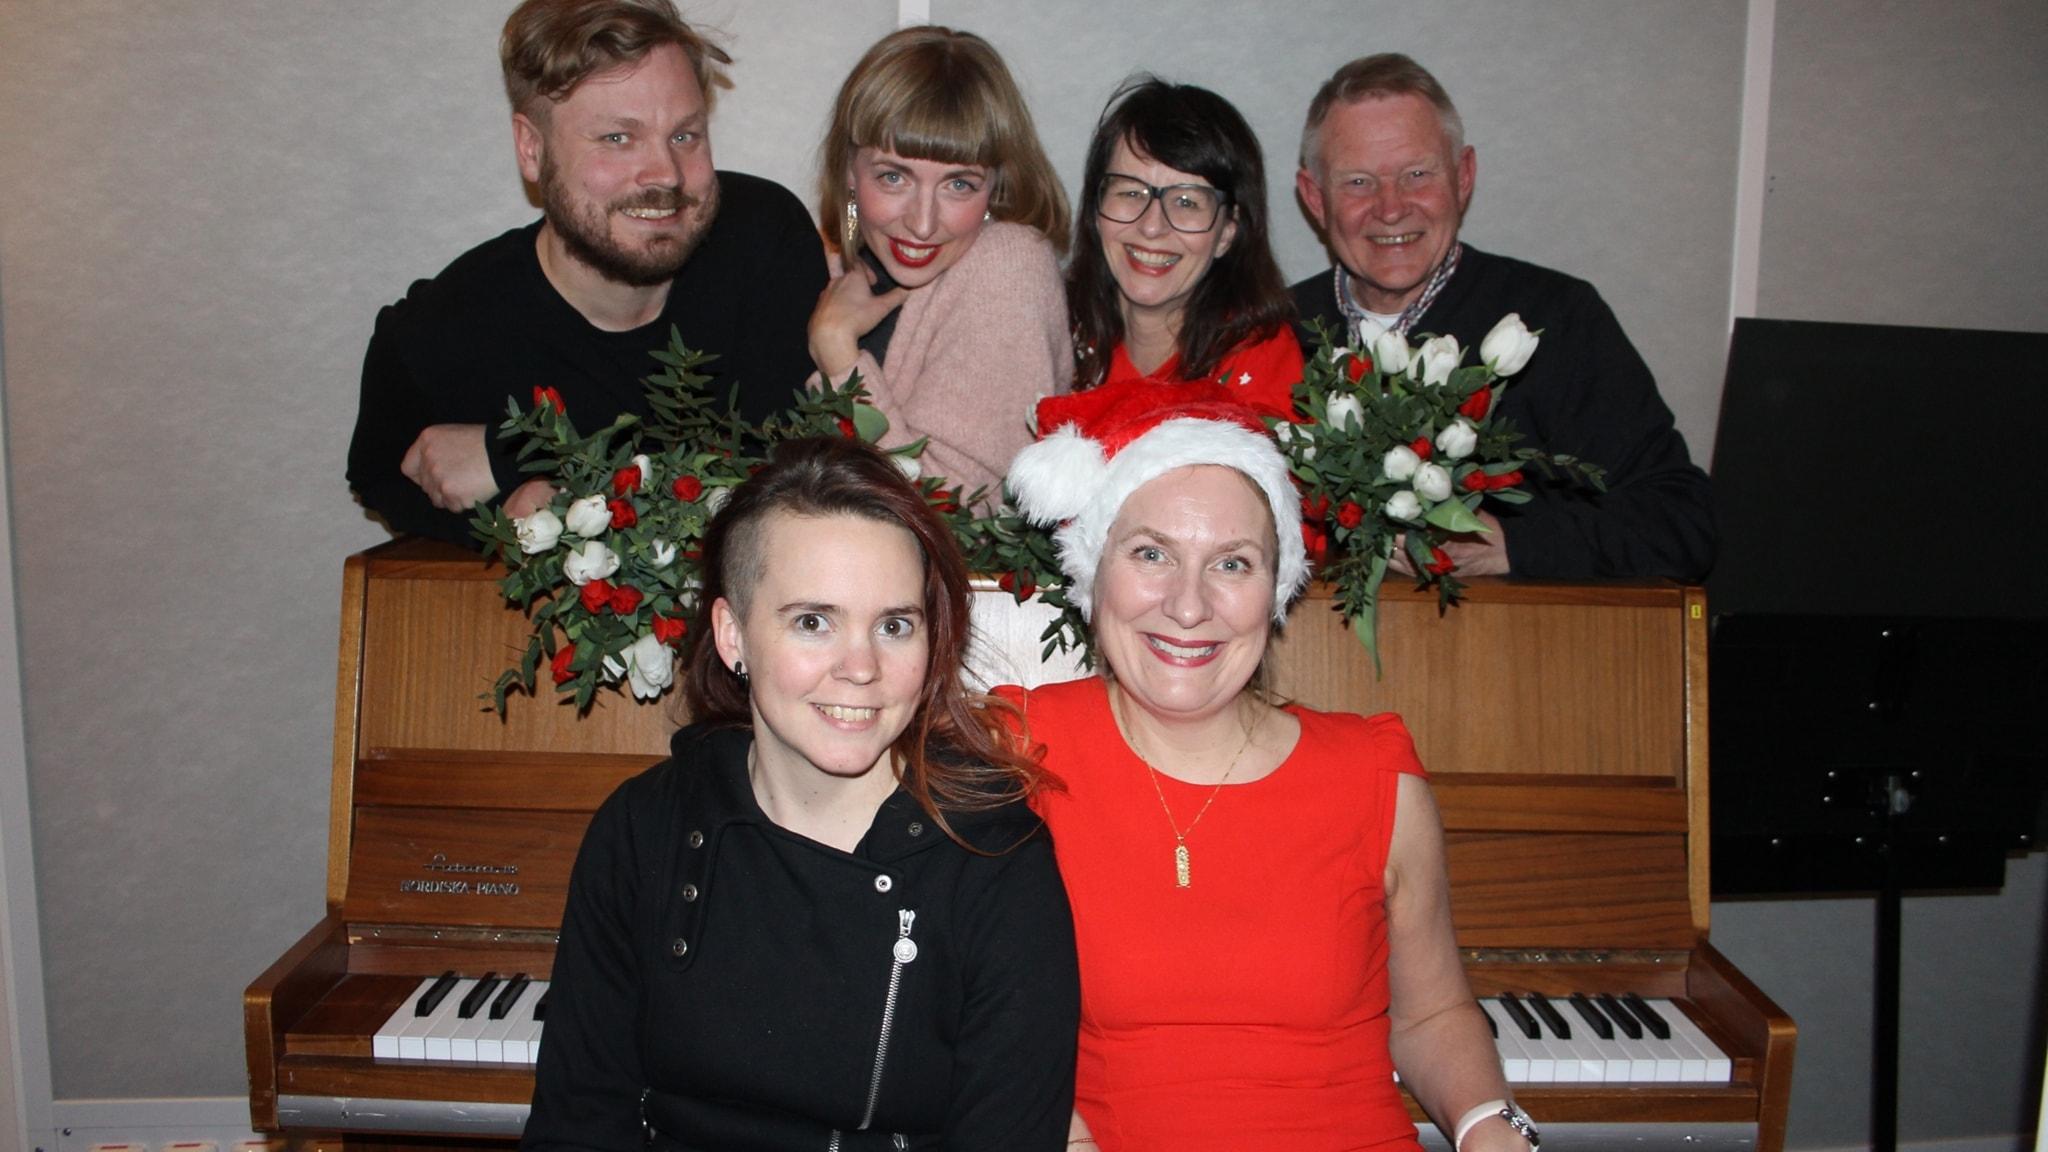 Anders Wejryd, Johannes Klenell, Anna Charlotta Gunnarson och Maja Åström!